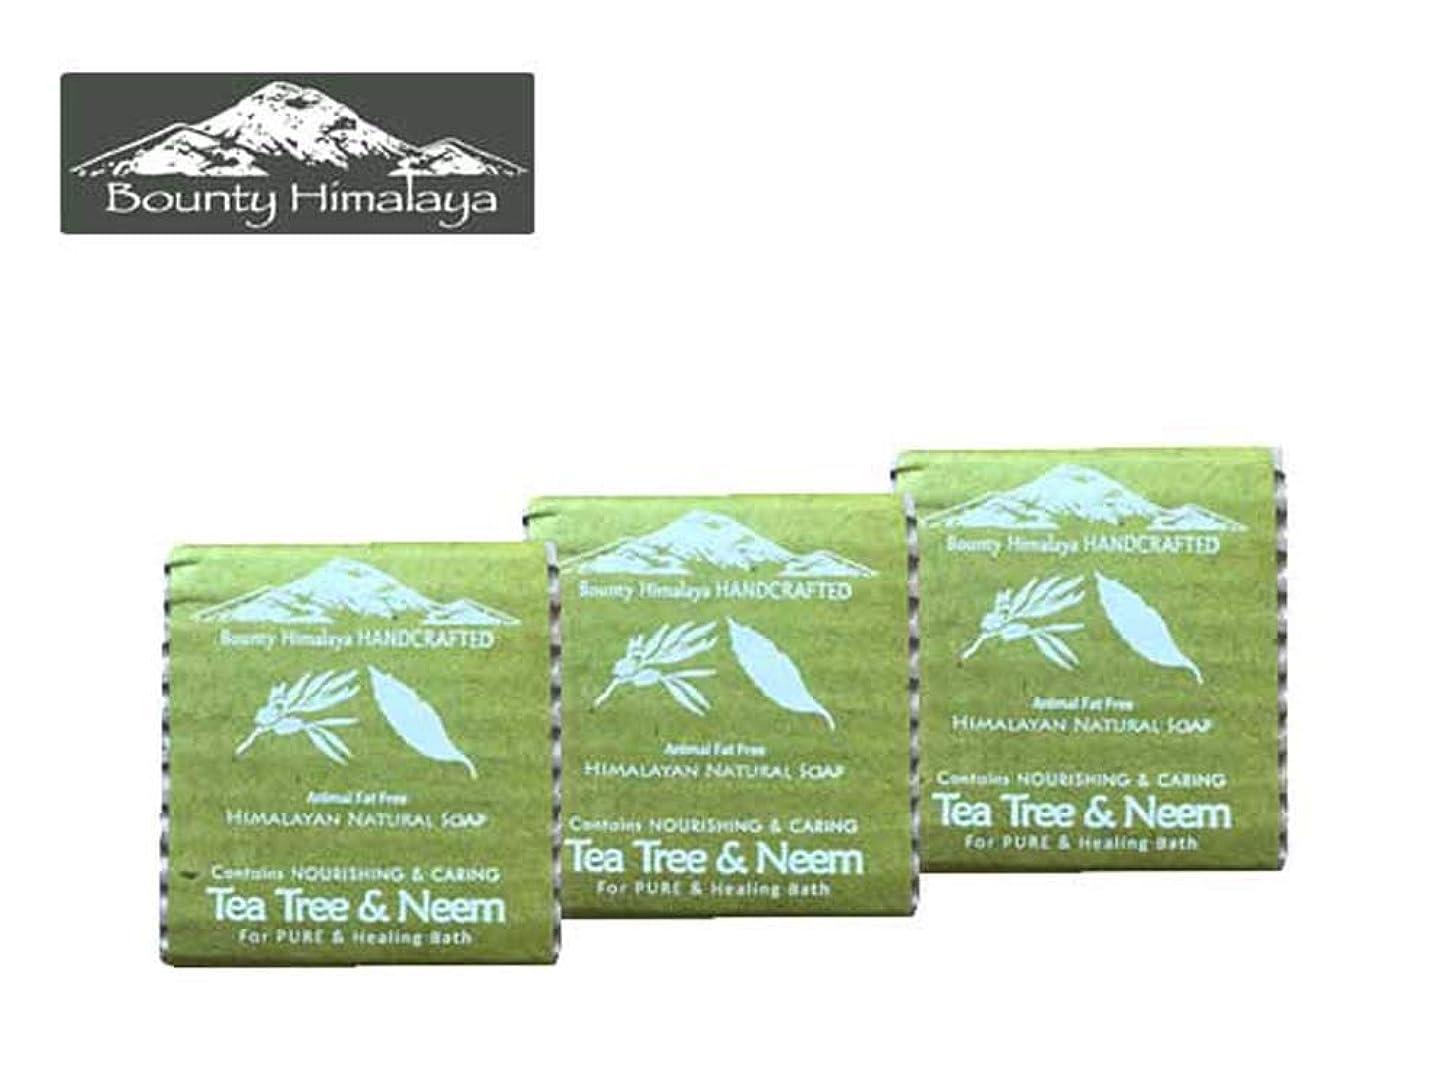 本土ダンスパスアーユルヴェーダ ヒマラヤ ティーツリー?ニーム ソープ3セット Bounty Himalaya Tea Tree & Neem SOAP(NEPAL AYURVEDA) 100g